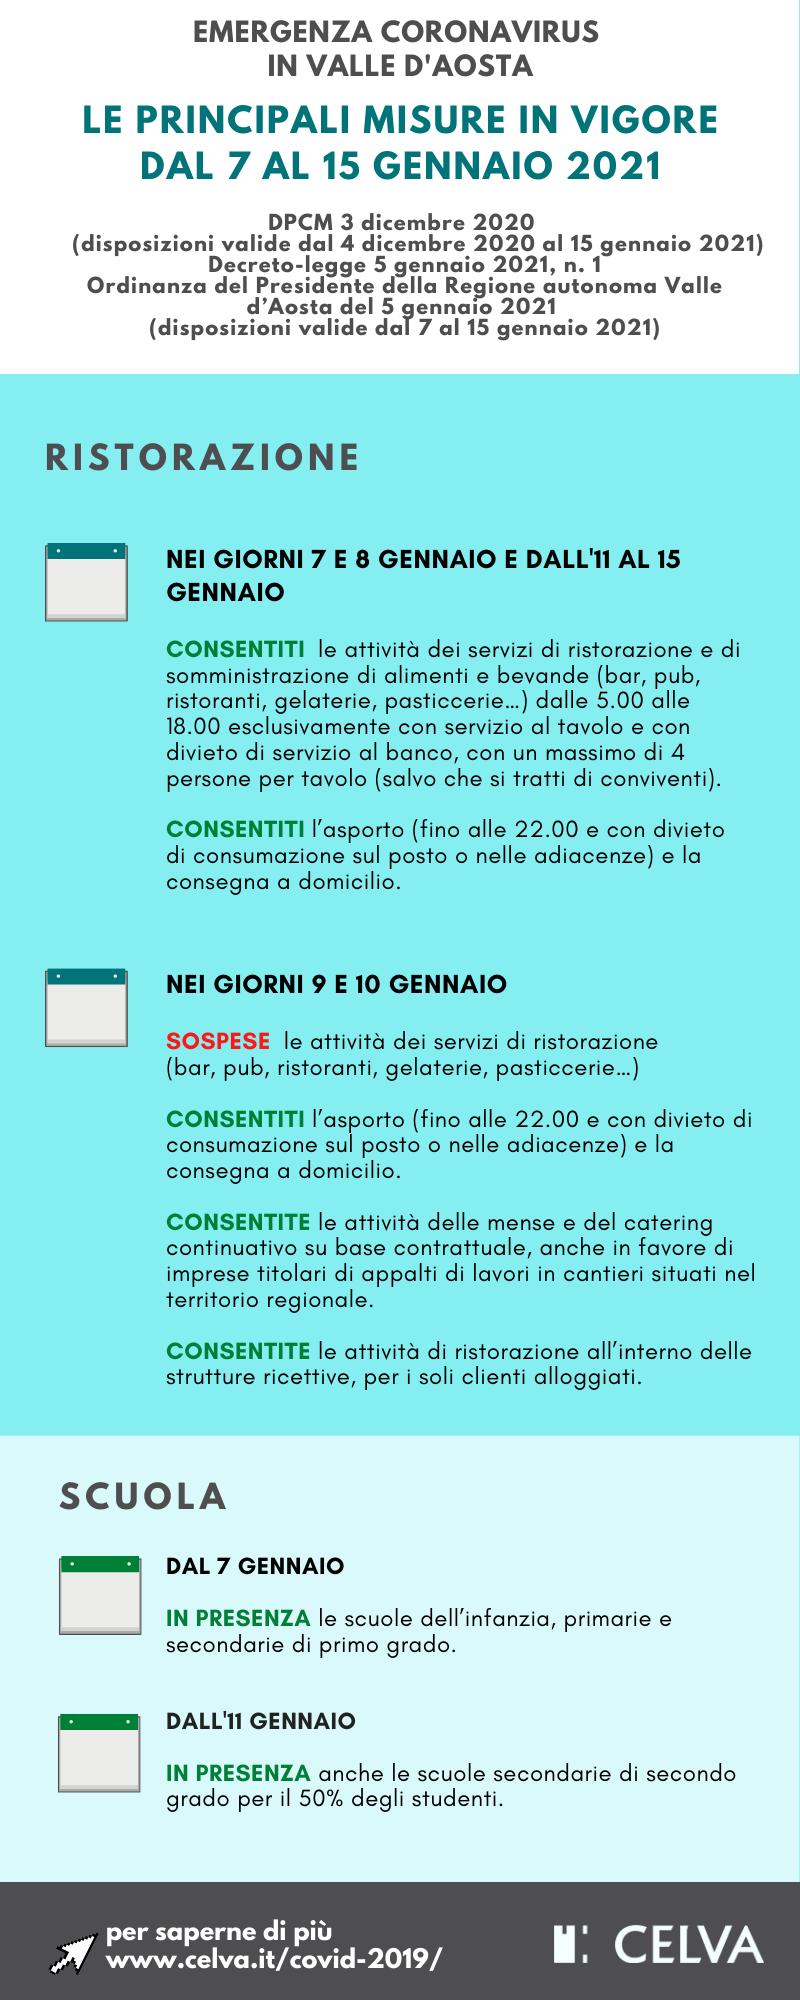 Emergenza Covid-19: le misure dal 7 al 15 gennaio 2021.